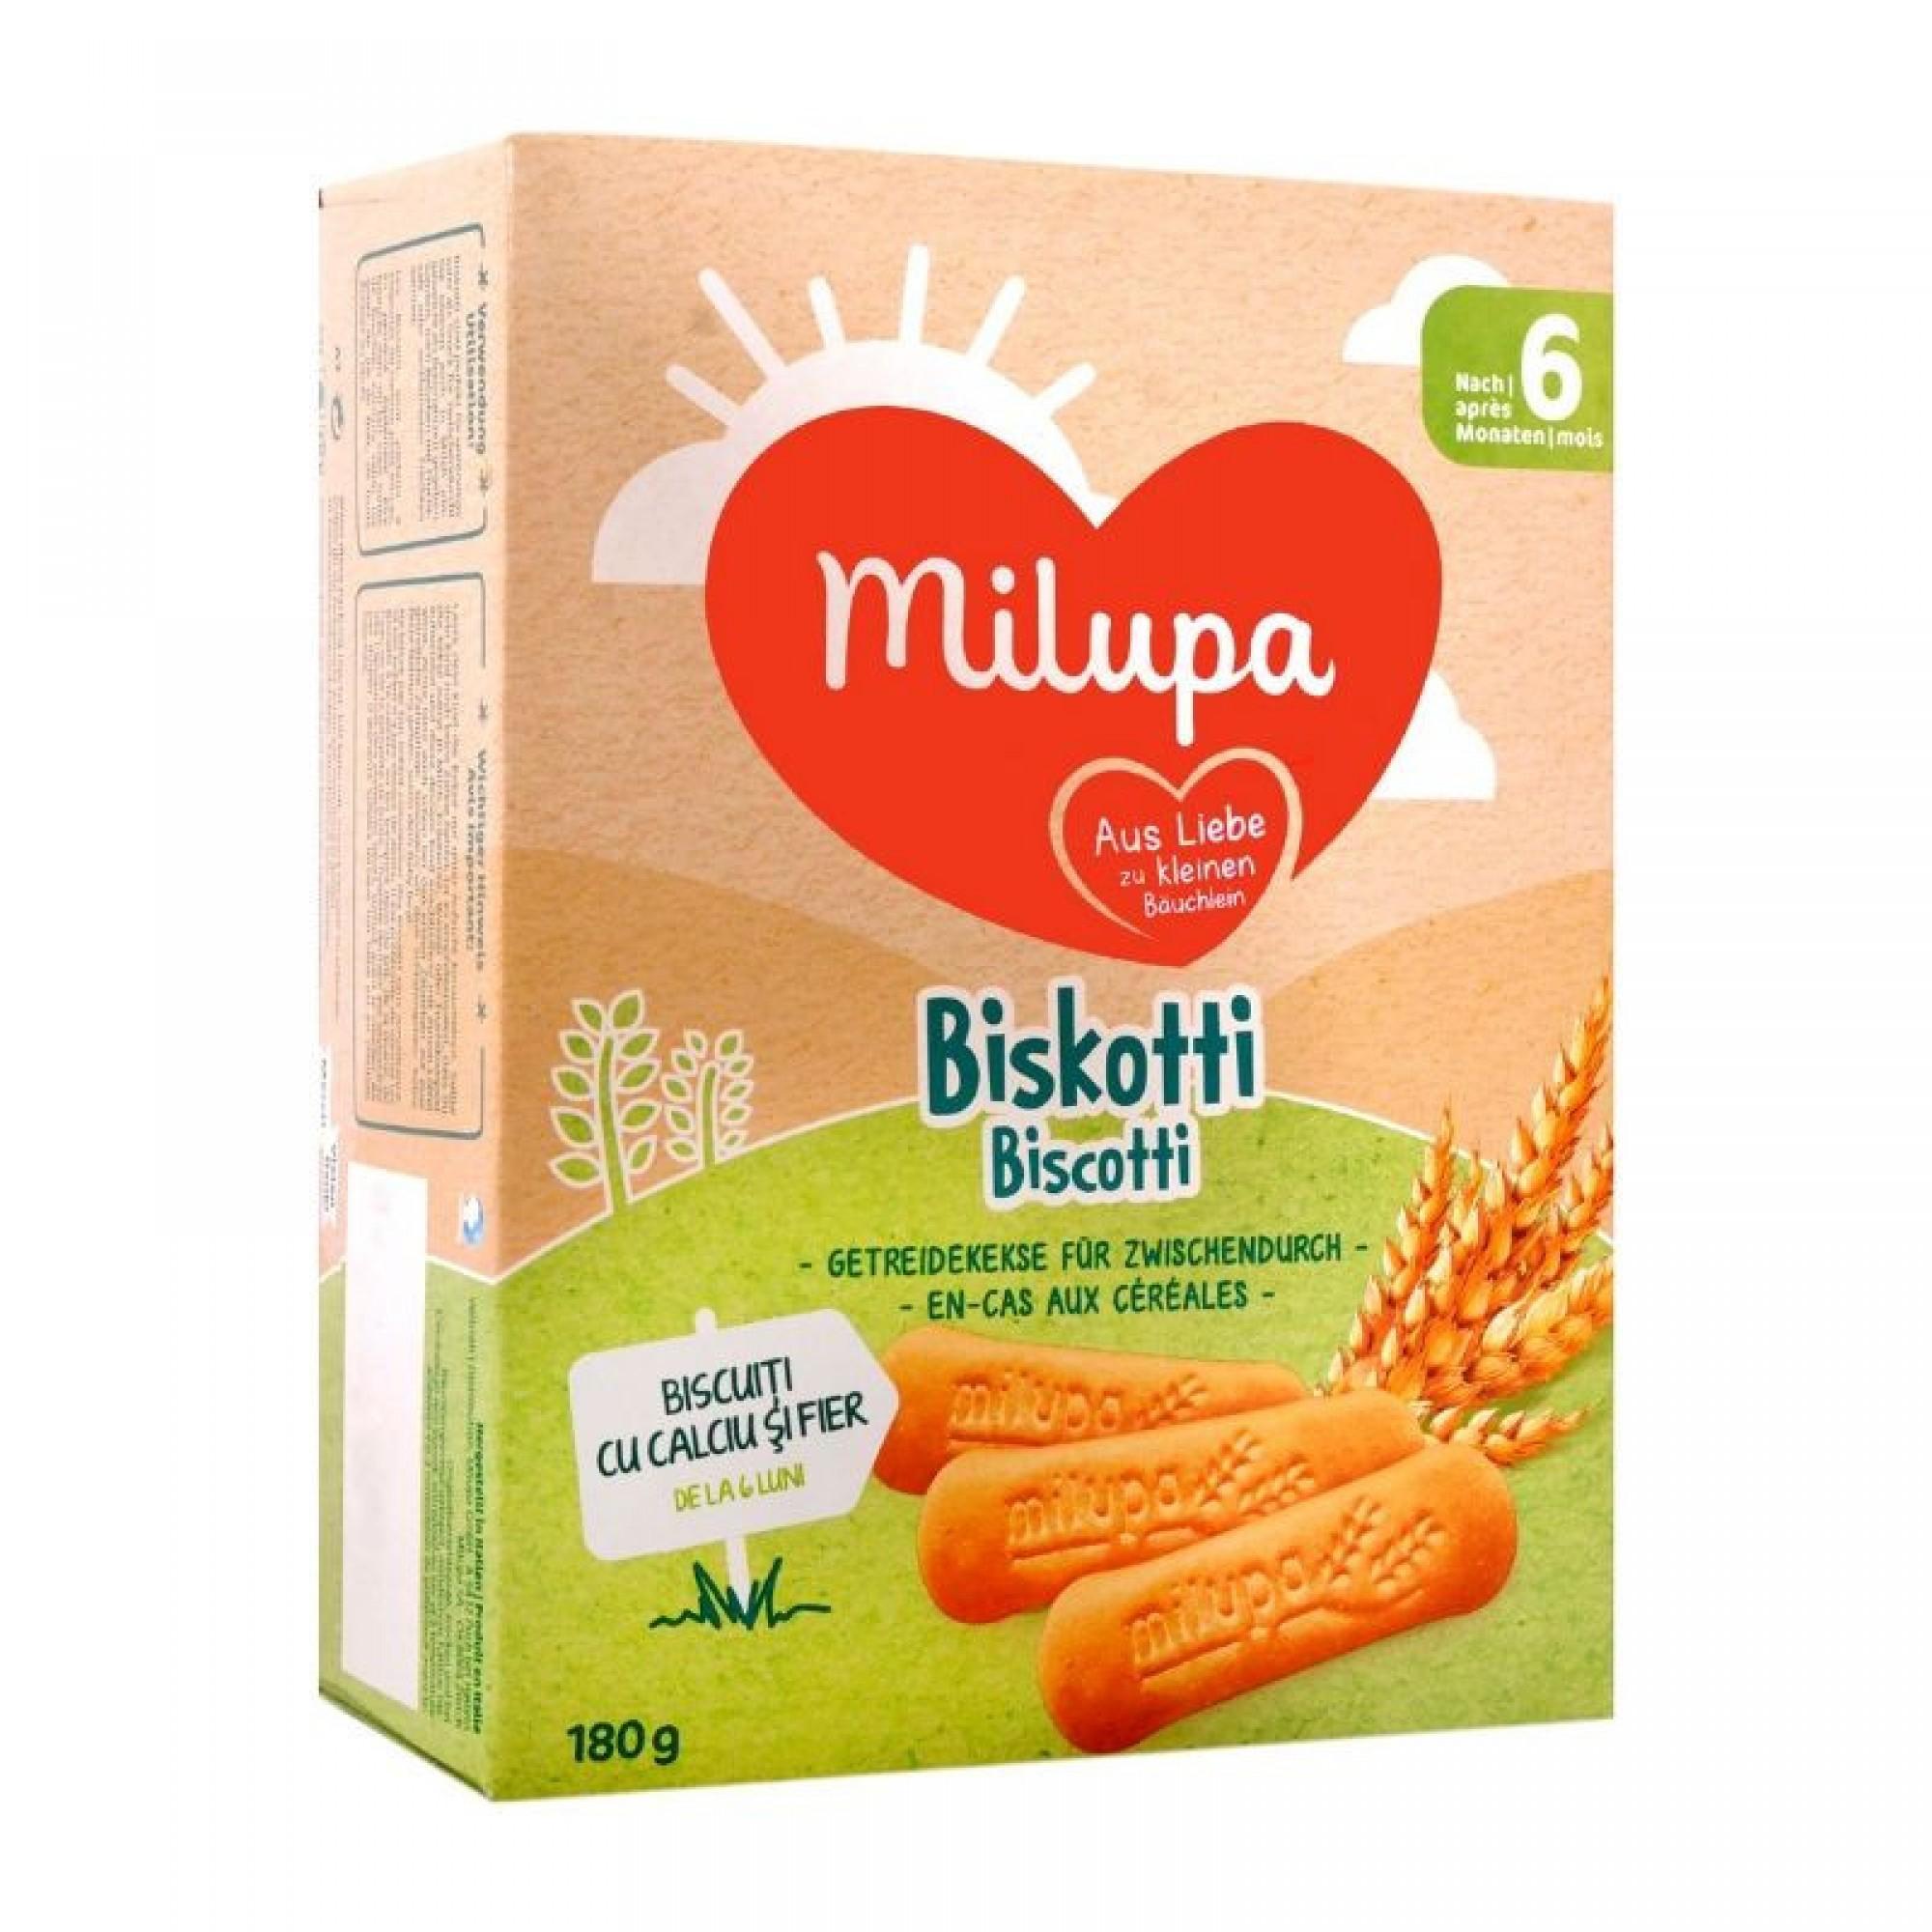 Biscuiti Milupa din faina de grau, Biscotti, 180g, 6luni+